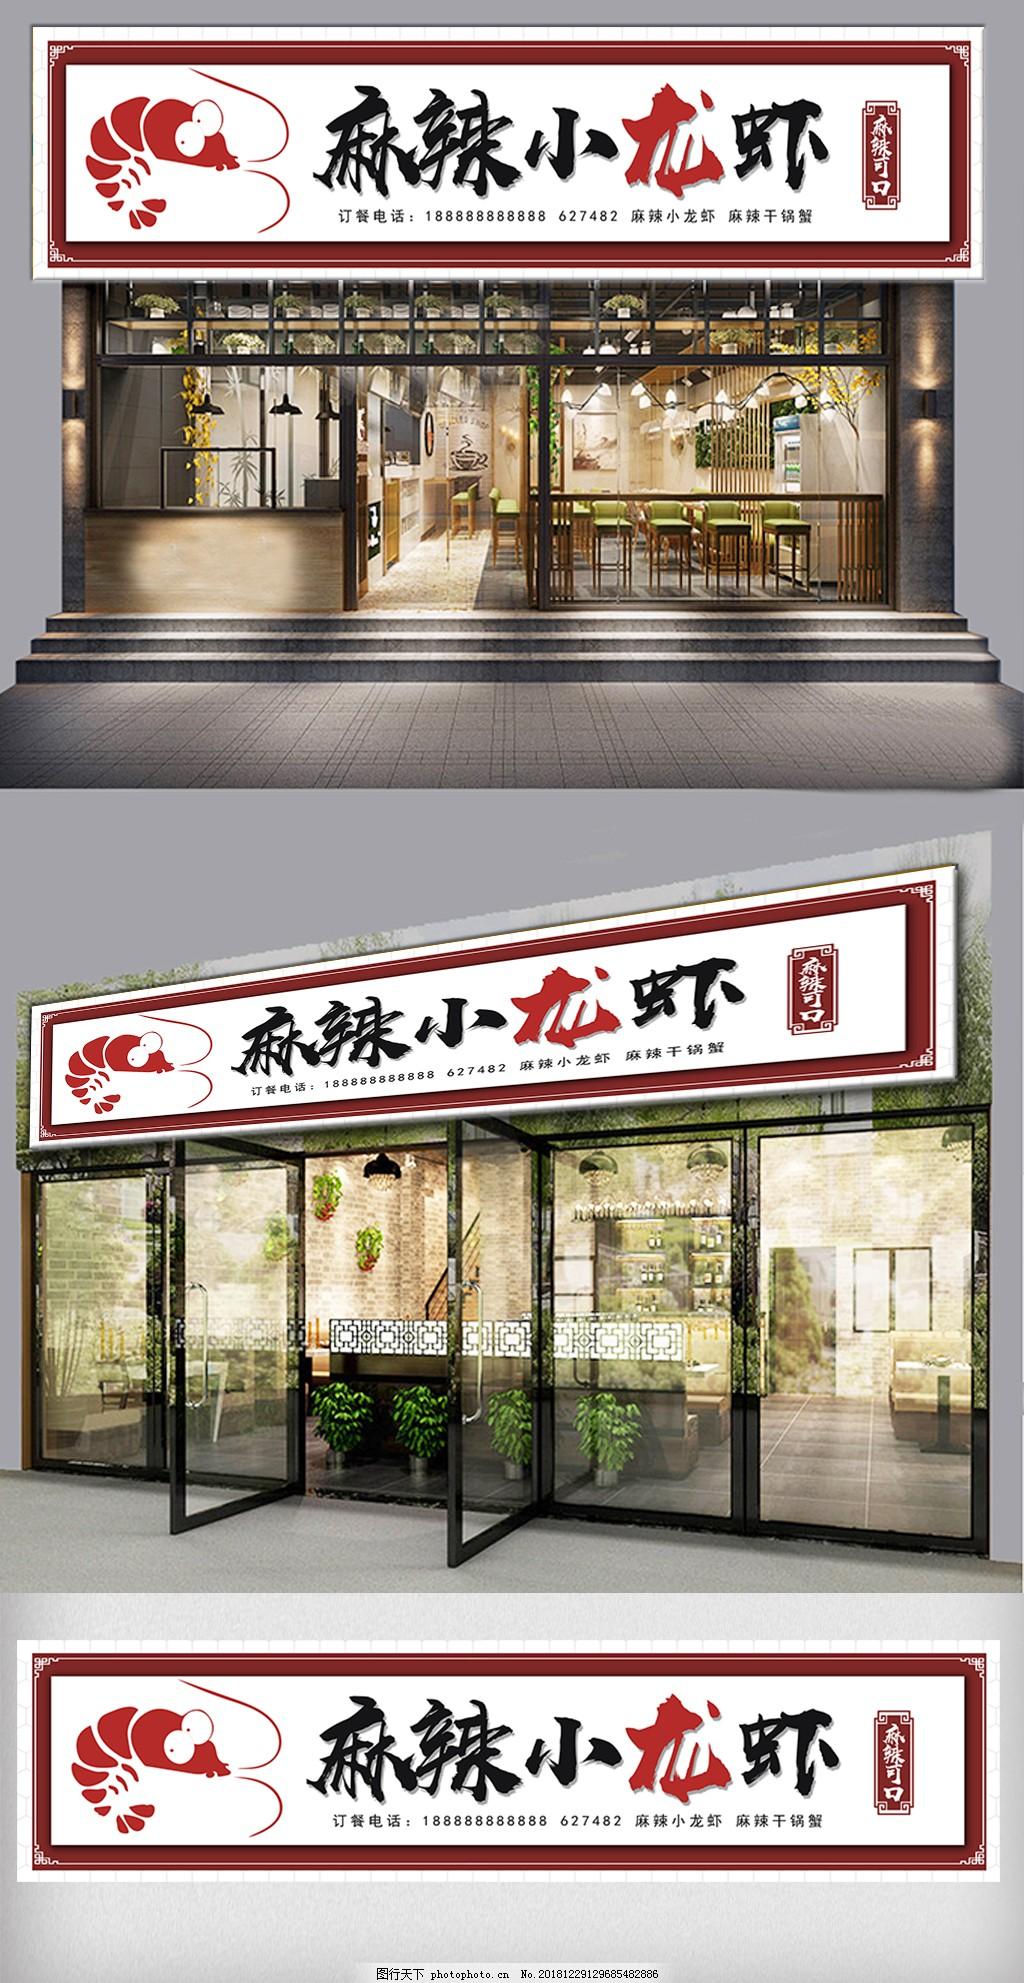 麻辣小龙虾餐饮门头模板,饭店门头,古典餐饮,火锅店门头,设计店门头,设计门头,设计古典设计